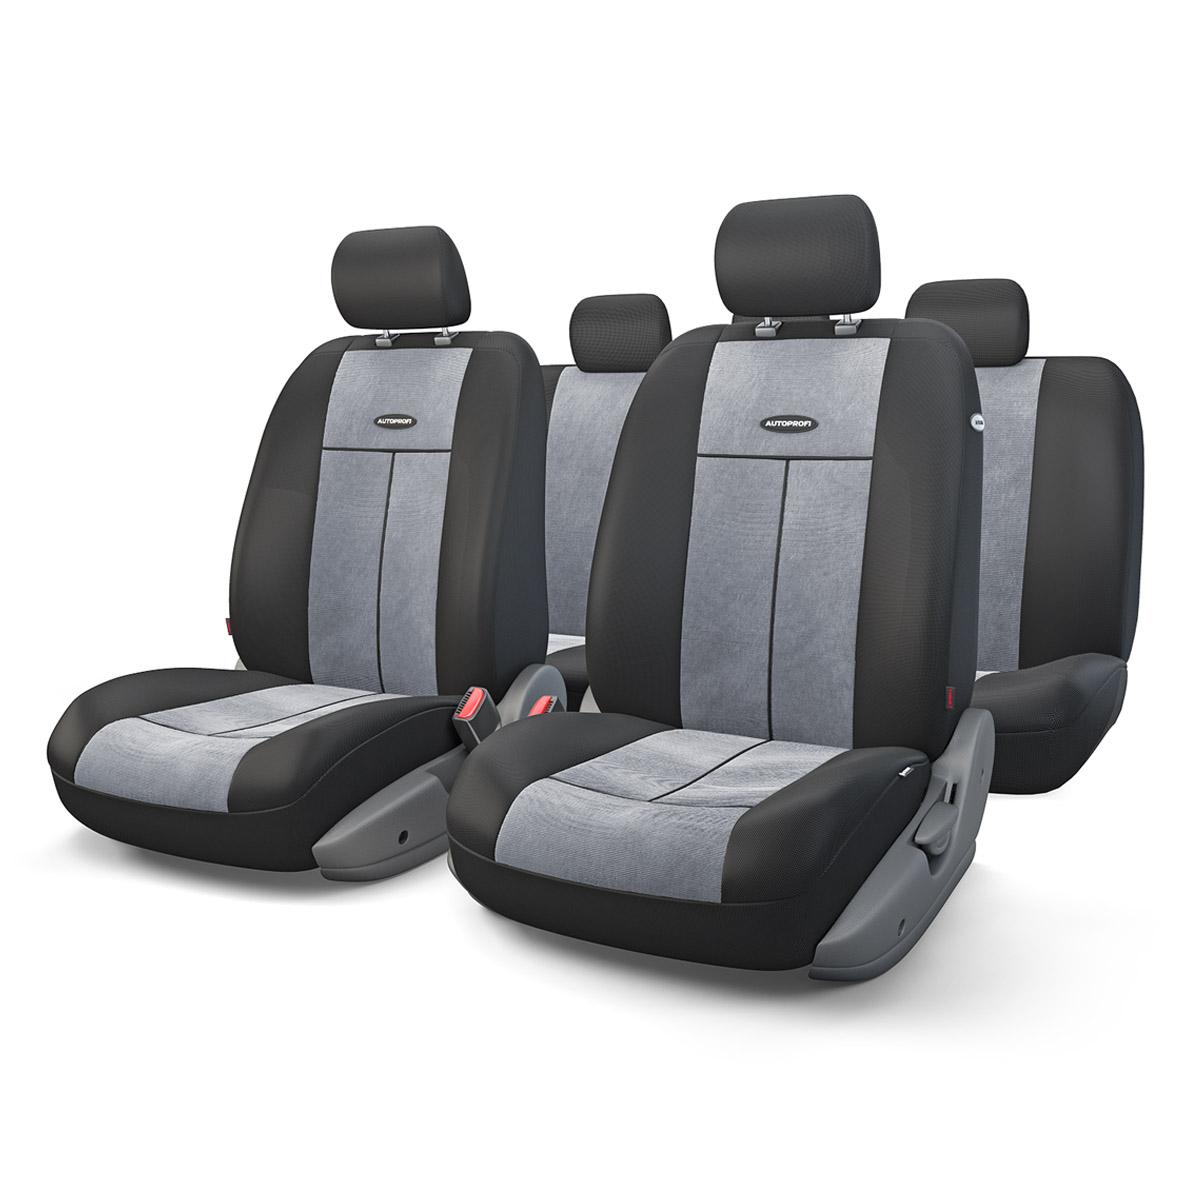 Чехол на сиденье Autoprofi Tt-902v bk/d.gy аксессуары для автомобиля autoprofi автомобильные чехлы tt airbag tt 902j 9 предметов